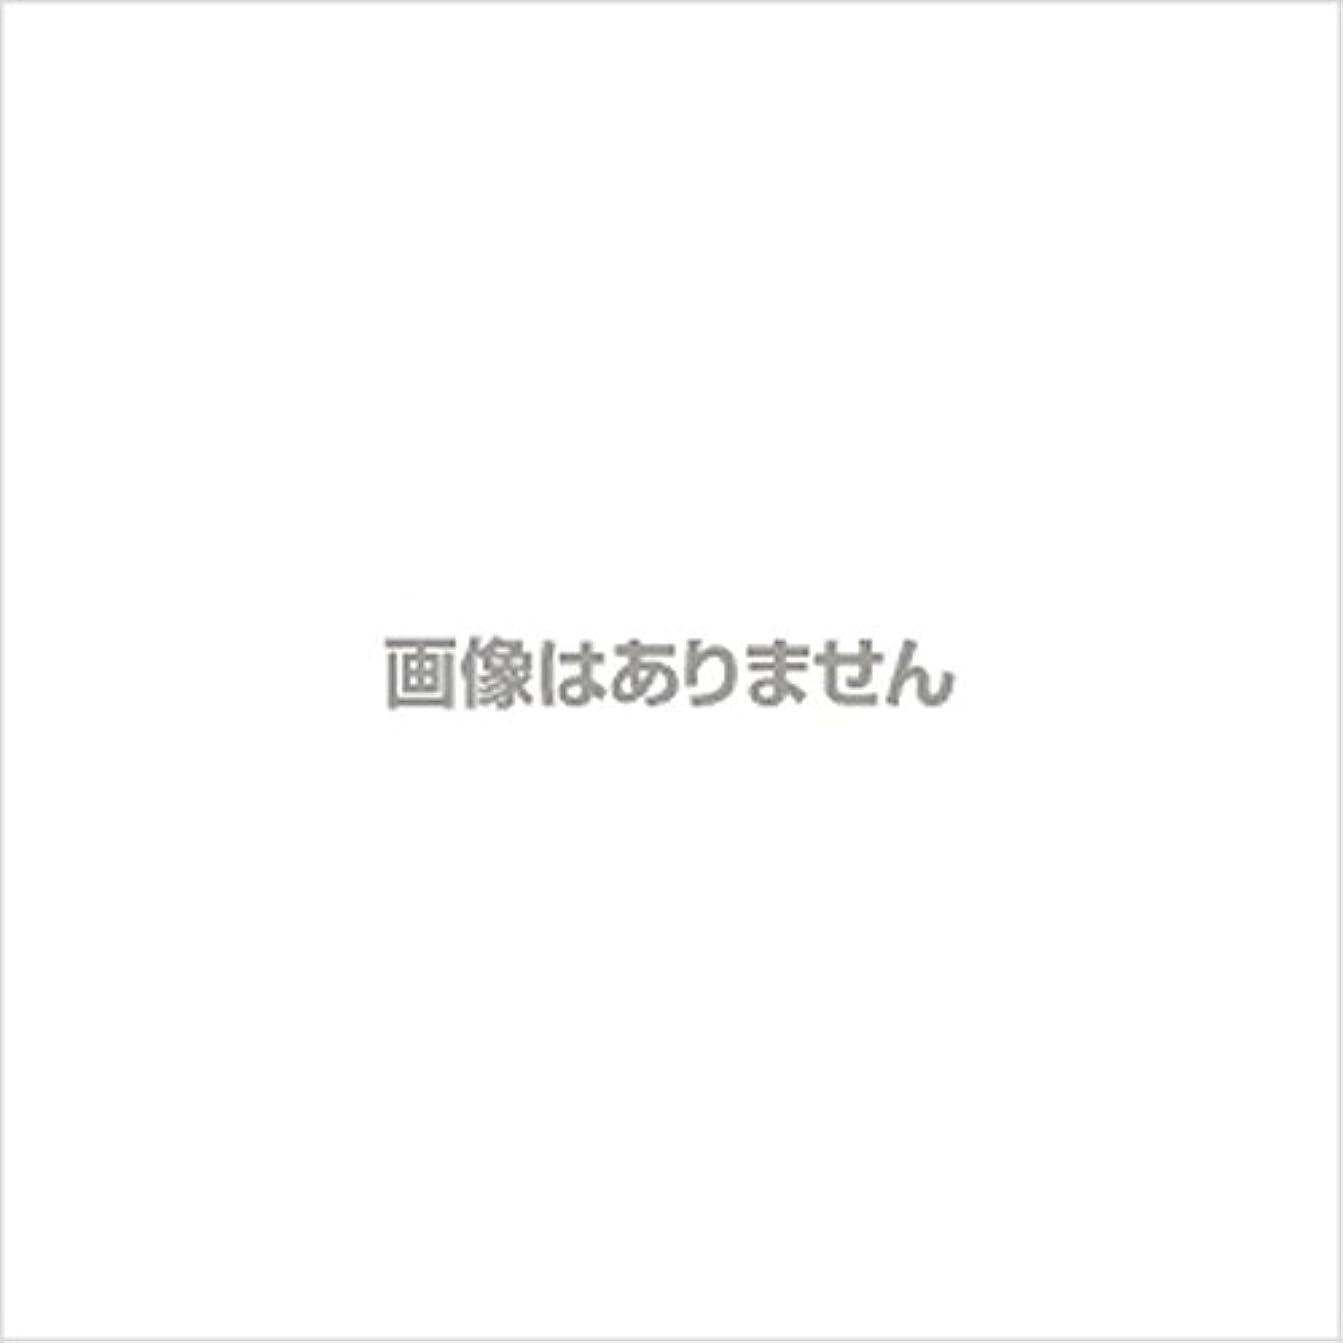 寺院慈善師匠新発売】EBUKEA エブケアNO1004 プラスチックグローブ(パウダーフリー?粉なし)Mサイズ 100枚入(極薄?半透明)